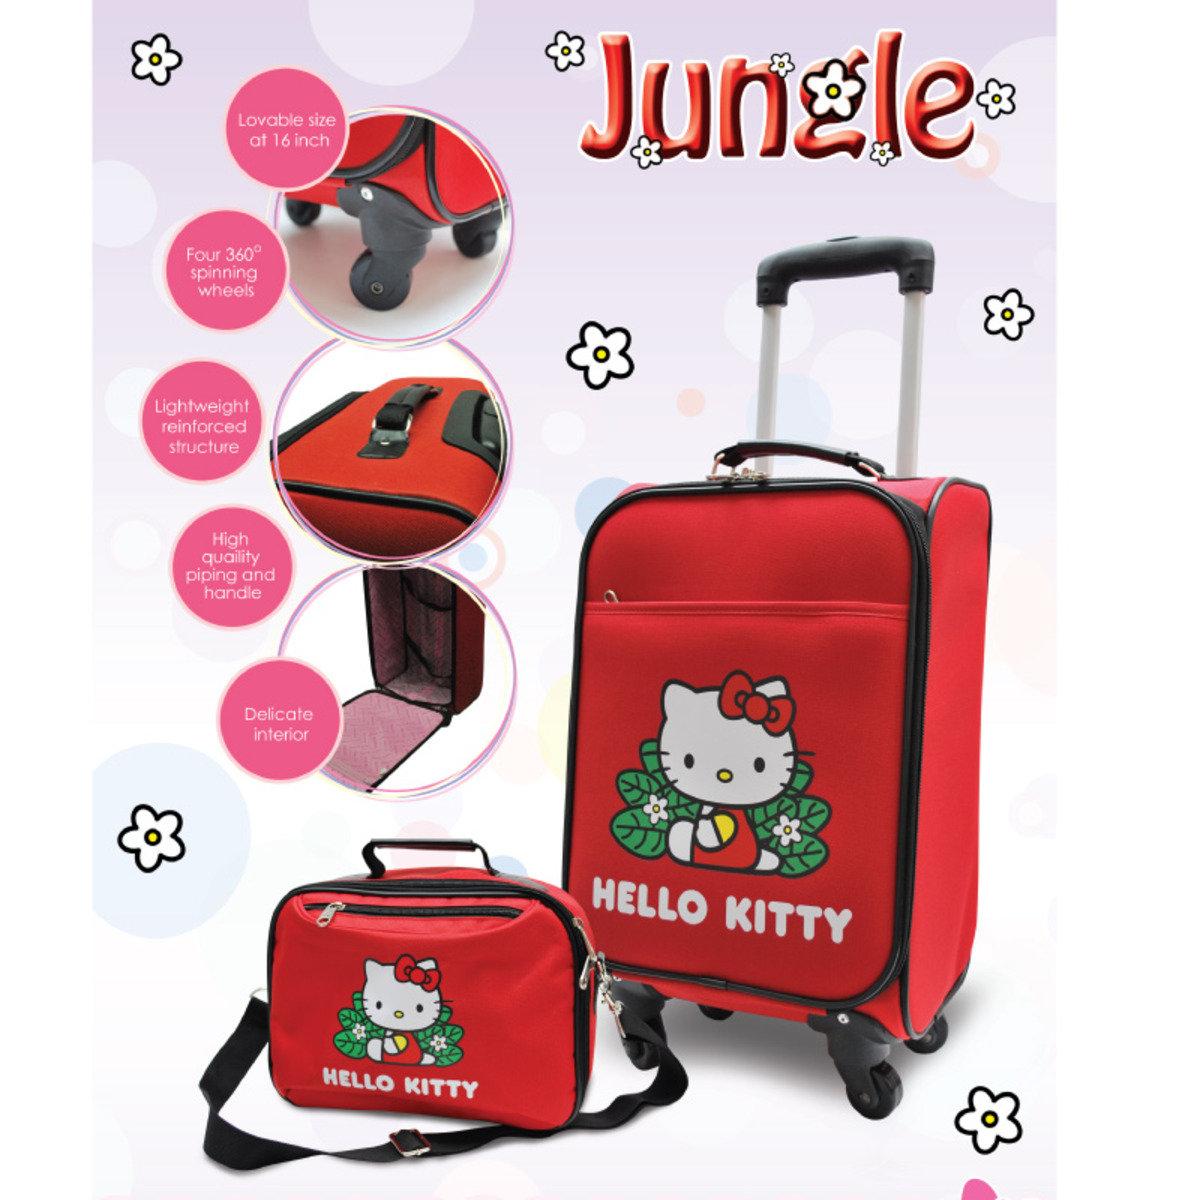 Hello Kitty Jungle 系列 - 16吋旅行箱連12吋化妝袋